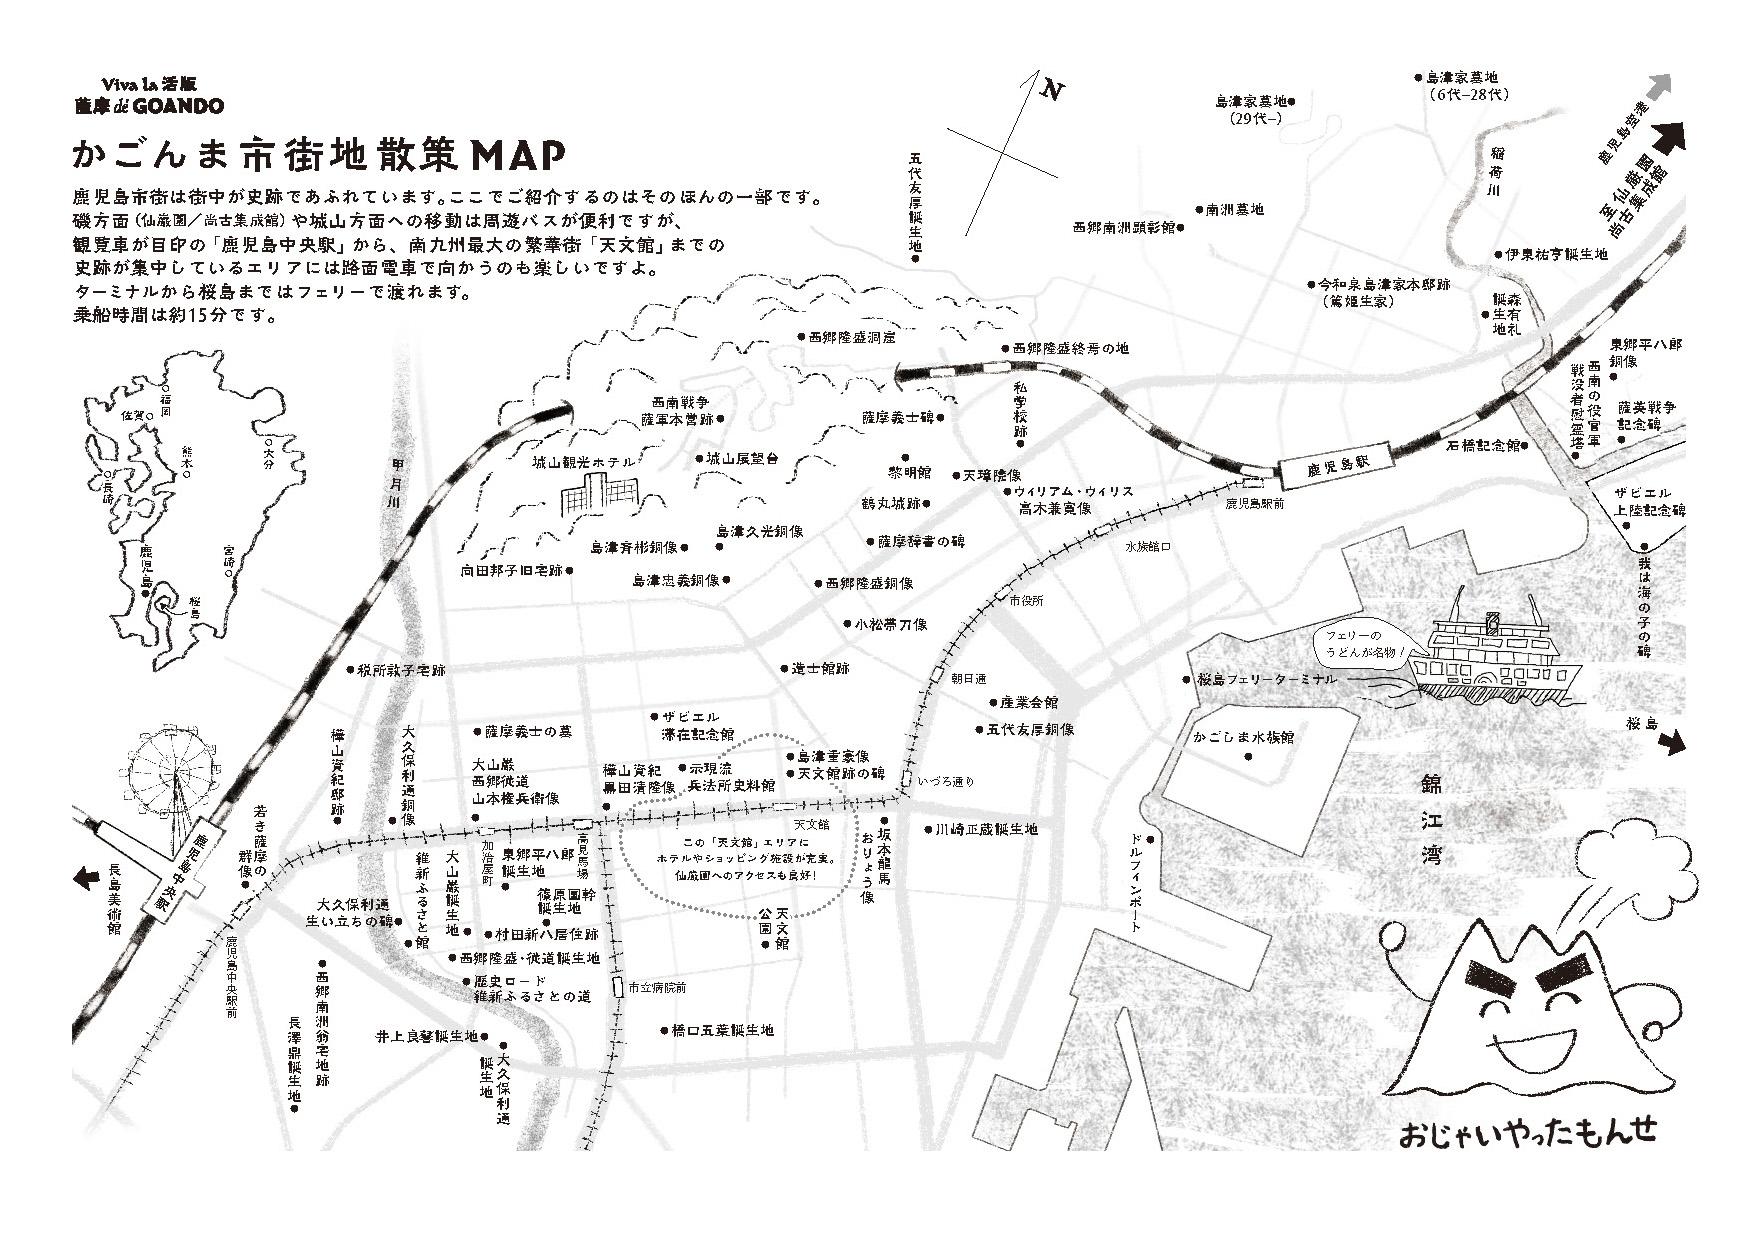 鹿児島市街地マップ